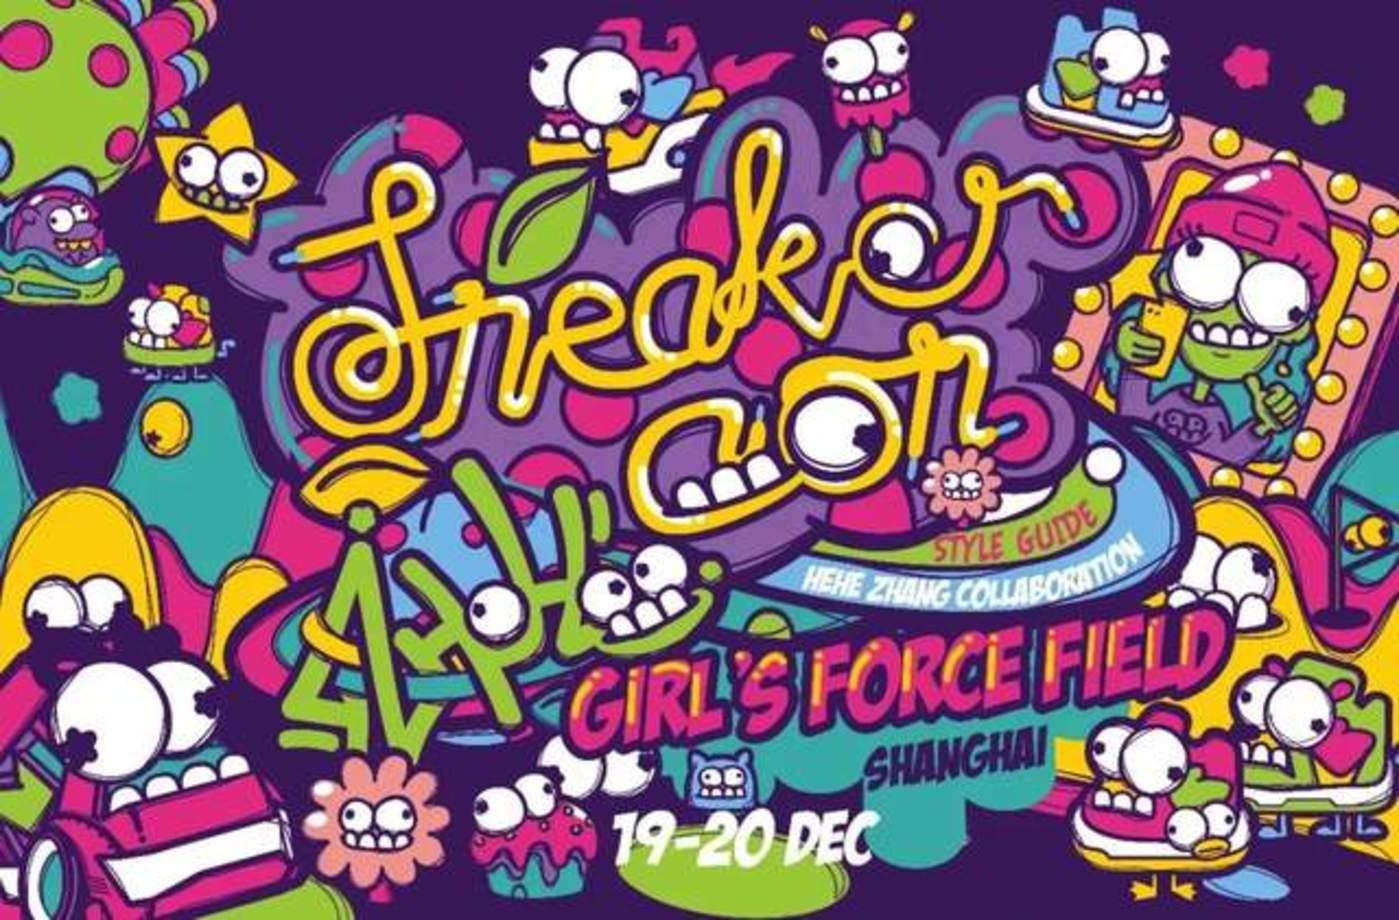 sneakercon「女子力场」专区海报